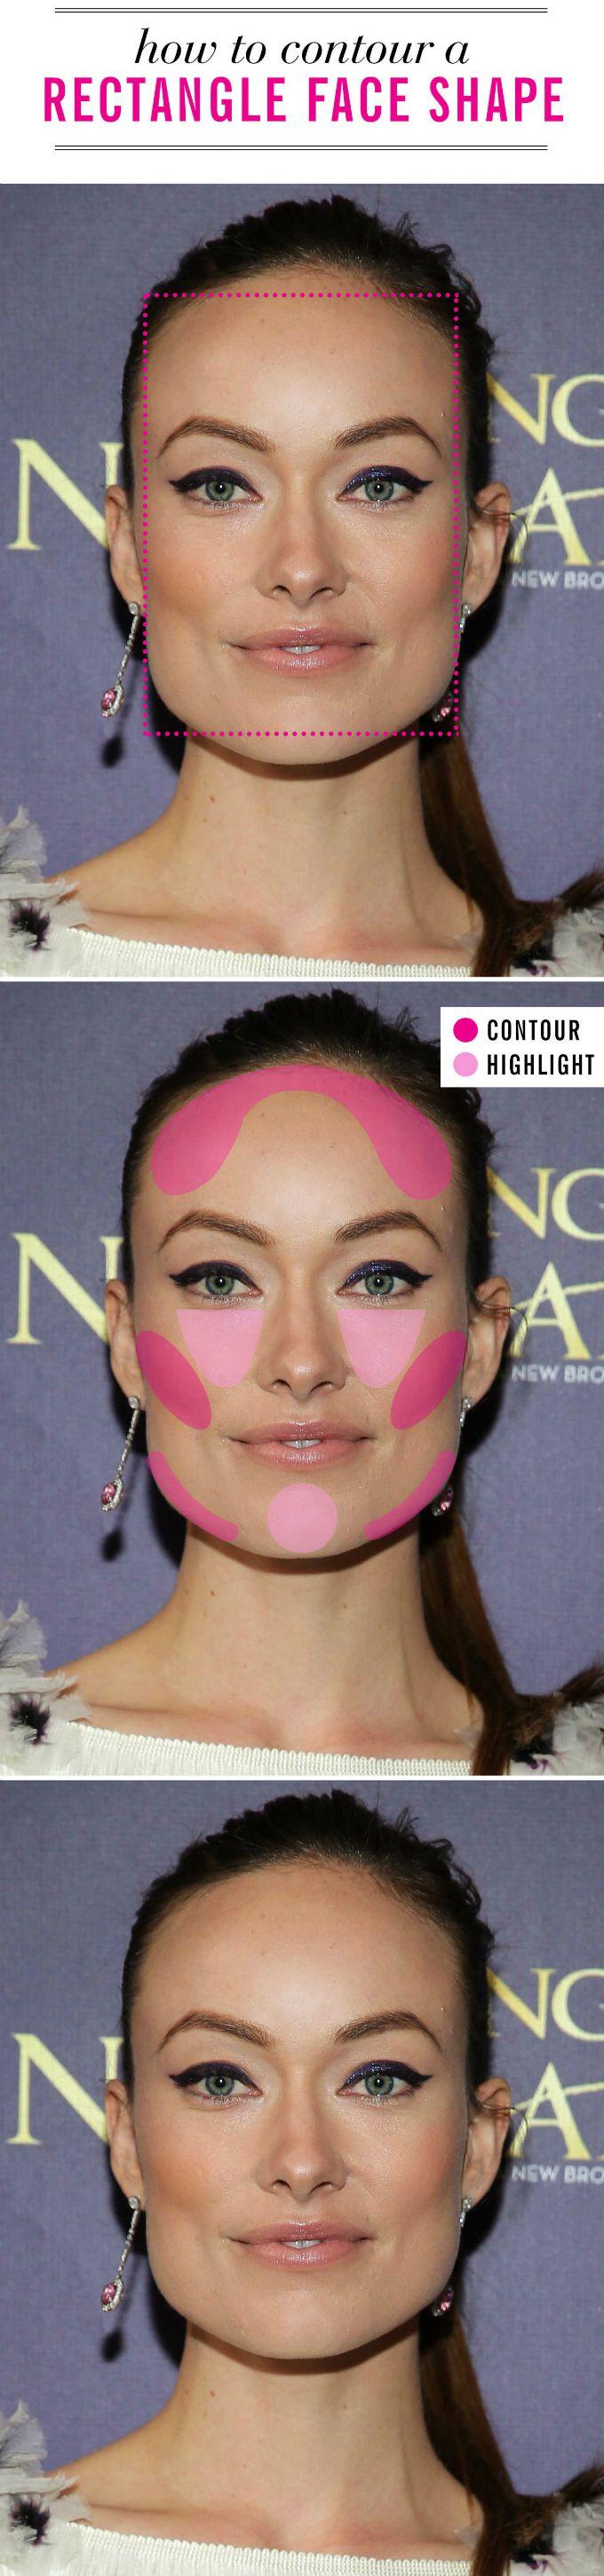 konturisanje lica 5 Kako da pravilno konturišeš lice prateći njegov oblik